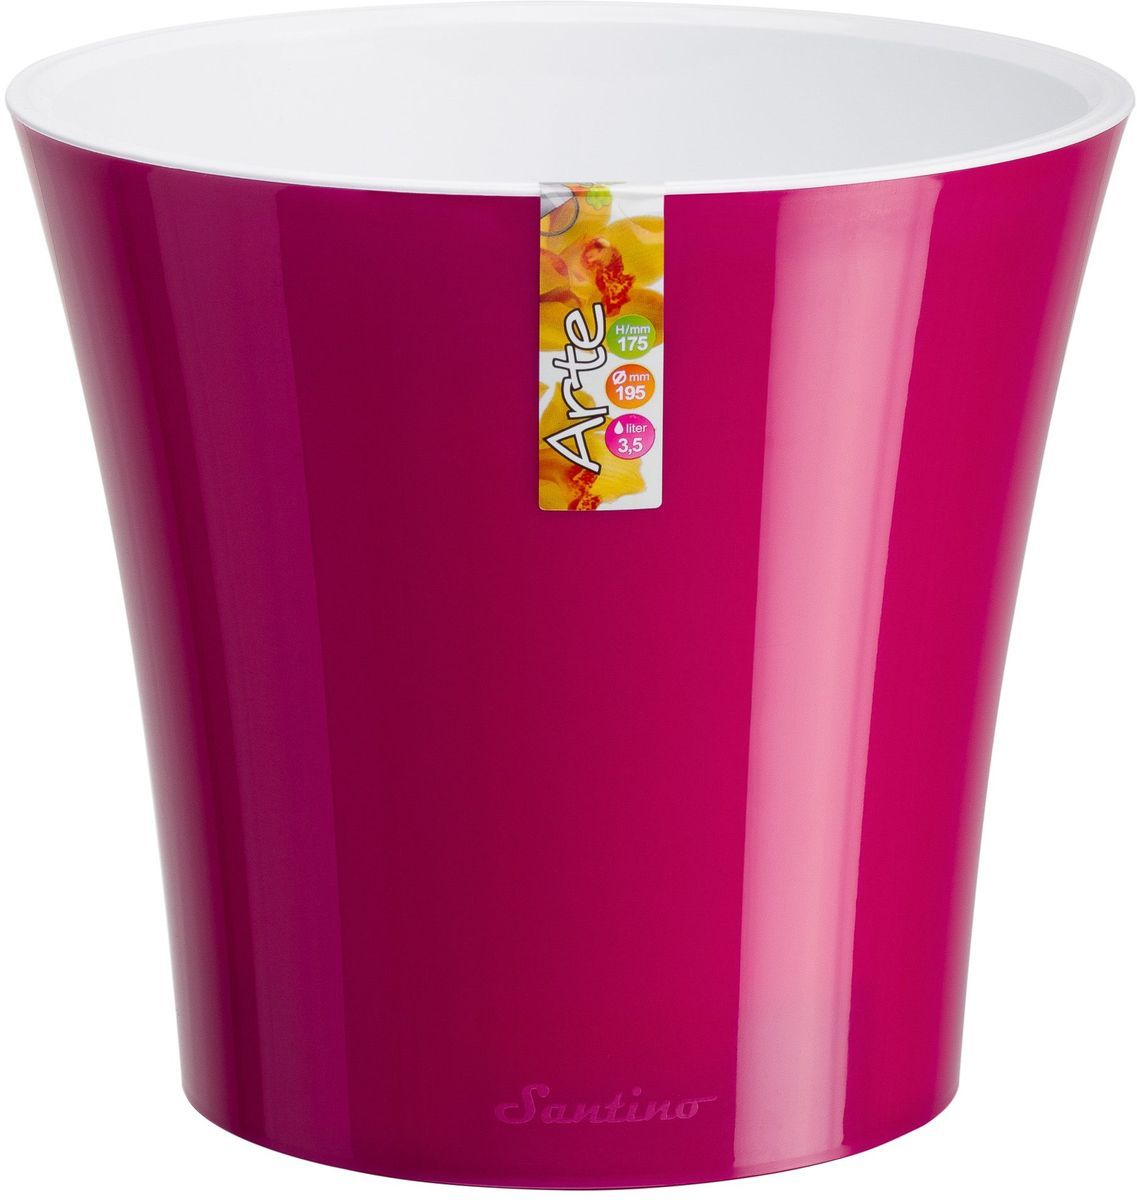 Горшок цветочный Santino Арте, двойной, с системой автополива, цвет: лиловый, белый, 1,2 лАРТ 1,2 Л-БГоршок цветочный Santino Арте снабжен дренажной системой и состоит из кашпо и вазона-вкладыша. Изготовлен из пластика. Особенность: тарелочка или блюдце не нужны. Горшок предназначен для любых растений или цветов. Цветочный дренаж – это система, которая позволяет выводить лишнюю влагу через корневую систему цветка и слой почвы. Растение – это живой организм, следовательно, ему необходимо дышать. В доступе к кислороду нуждаются все части растения: -листья; -корневая система. Если цветовод по какой-либо причине зальет цветок водой, то она буквально вытеснит из почвенного слоя все пузырьки кислорода. Анаэробная среда способствует развитию различного рода бактерий. Безвоздушная среда приводит к загниванию корневой системы, цветок в результате увядает. Суть работы дренажной системы заключается в том, чтобы осуществлять отвод лишней влаги от растения и давать возможность корневой системе дышать без проблем. Следовательно, каждому цветку необходимо: -иметь в основании цветочного горшочка хотя бы одно небольшое дренажное отверстие. Оно необходимо для того, чтобы через него выходила лишняя вода, плюс ко всему это отверстие дает возможность циркулировать воздух. -на самом дне горшка необходимо выложить слоем в 2-5 см (зависит от вида растения) дренаж.УВАЖАЕМЫЕ КЛИЕНТЫ!Обращаем ваше внимание на тот факт, что фото изделия служит для визуального восприятия товара. Литраж и размеры, представленные на этикетке товара, могут по факту отличаться от реальных. Корректные данные в поле Размеры.